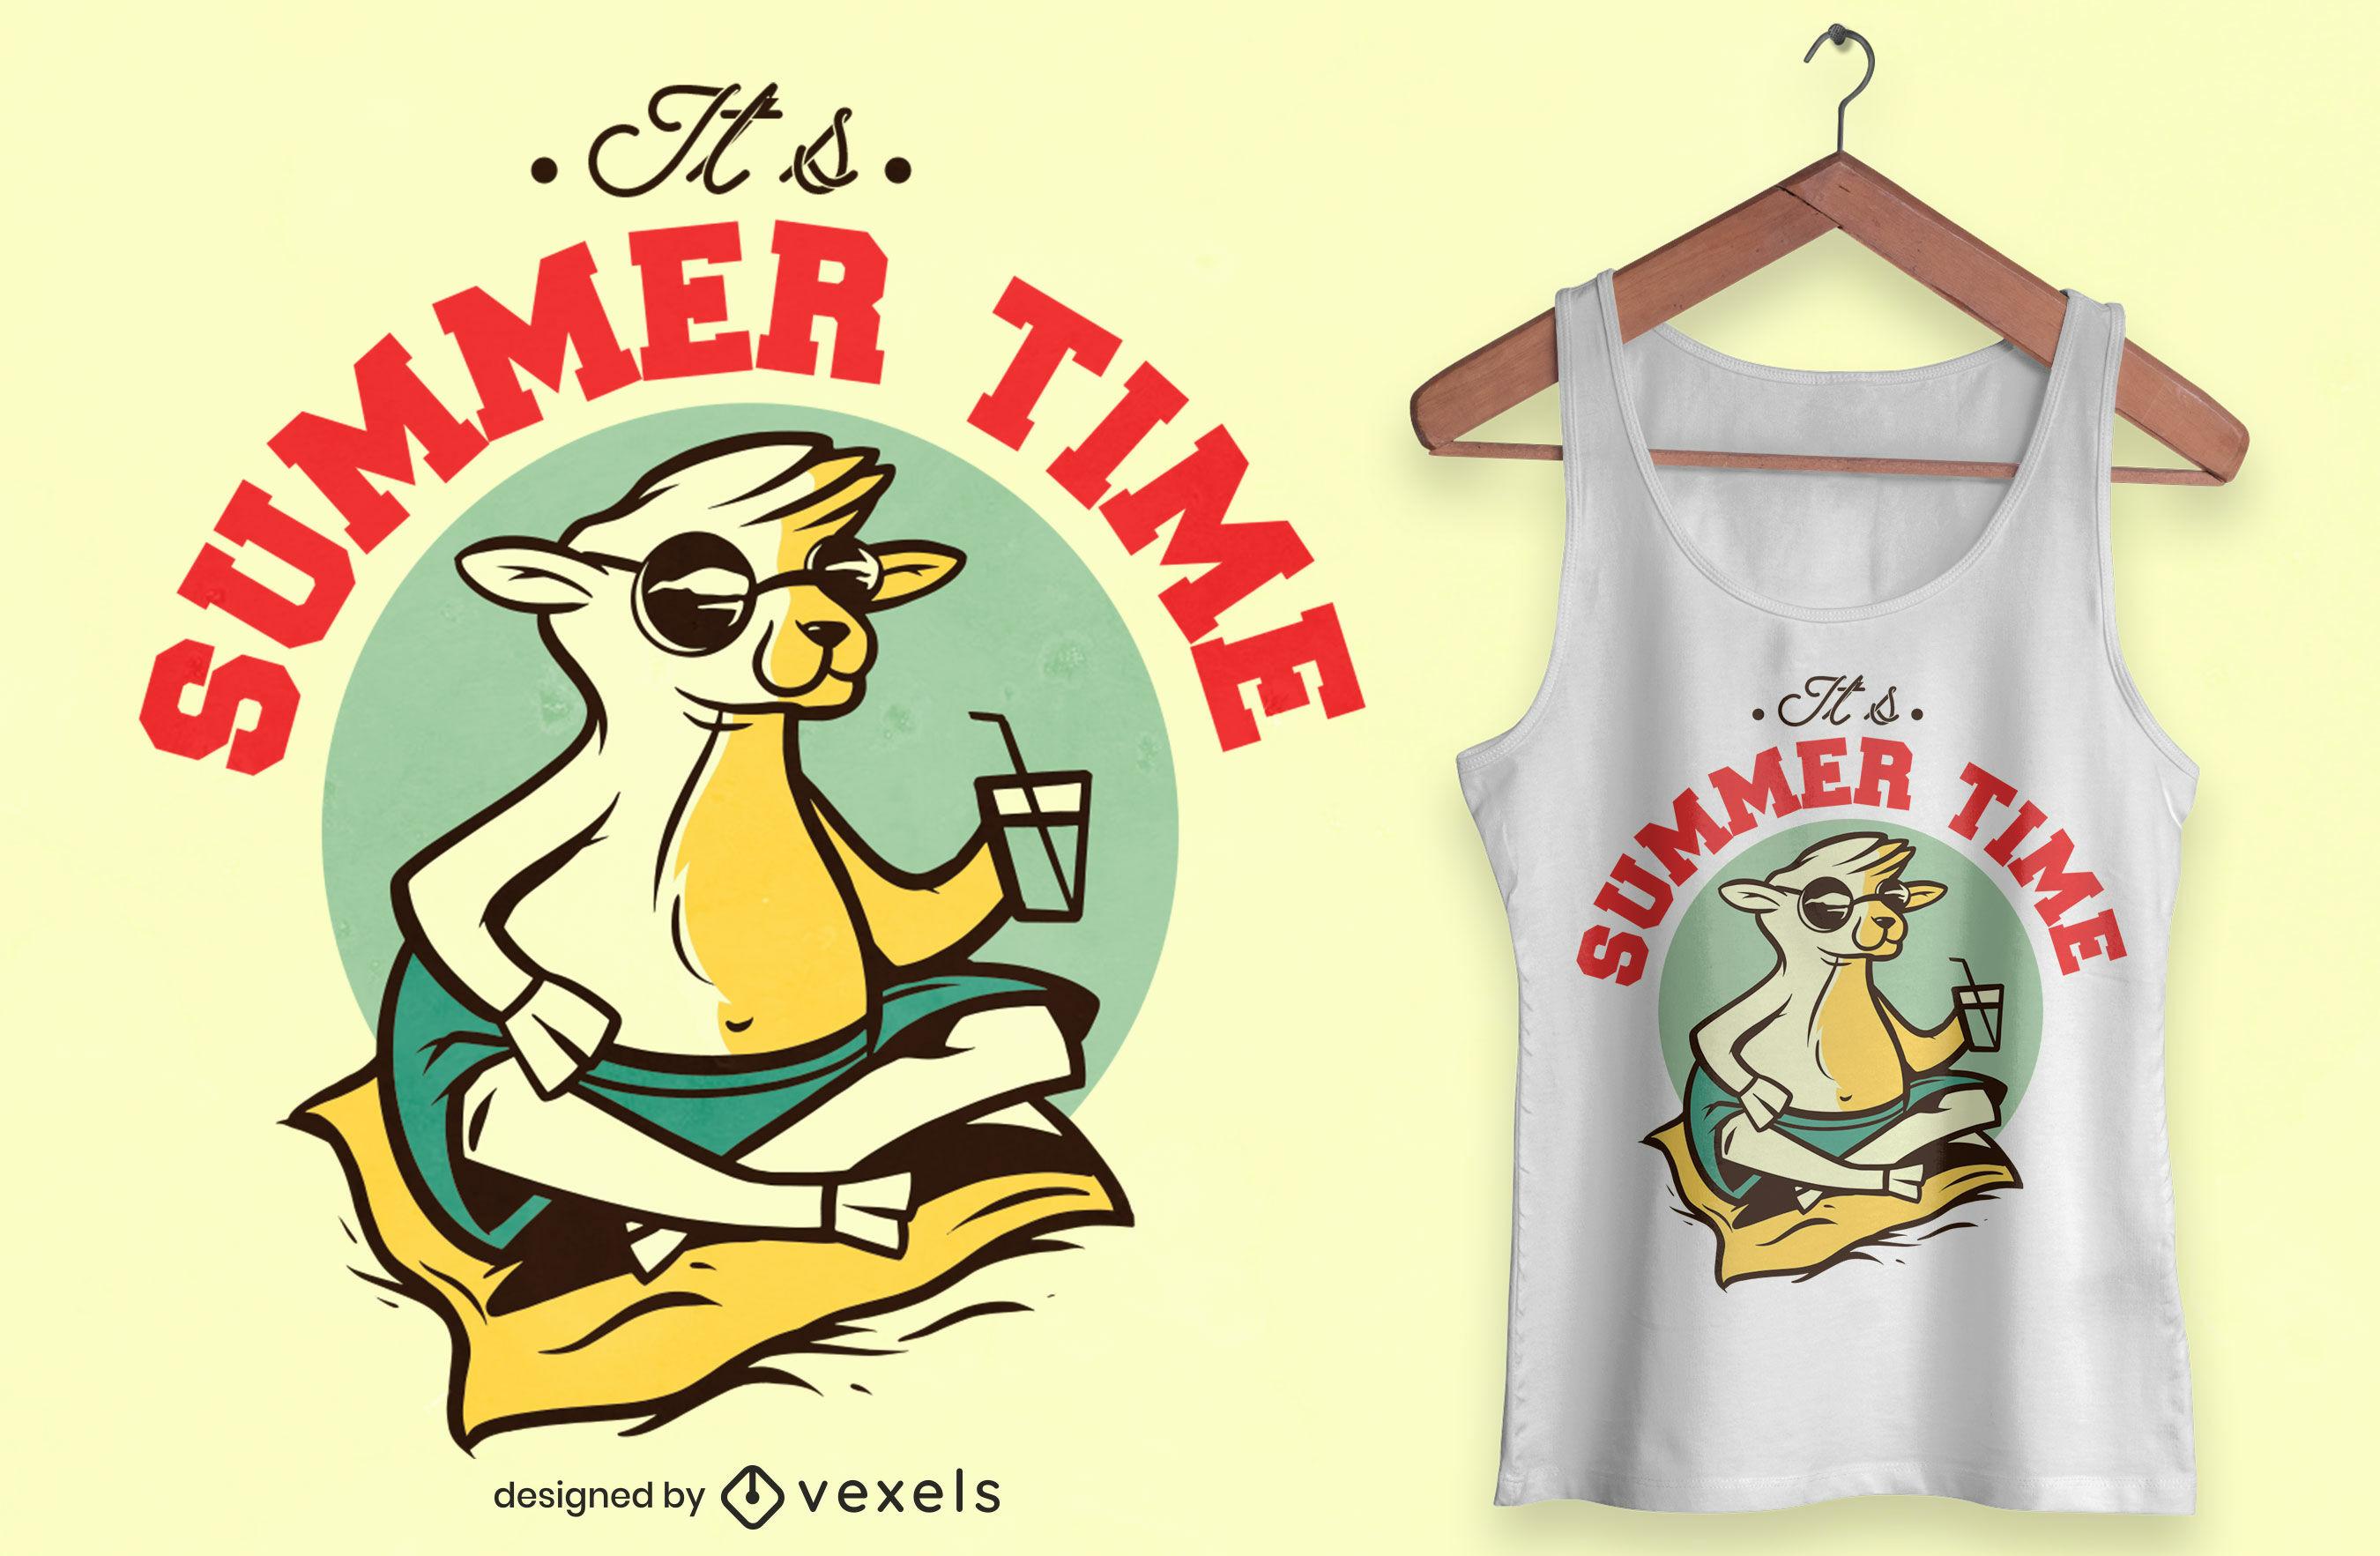 Summertime cool sheep t-shirt design